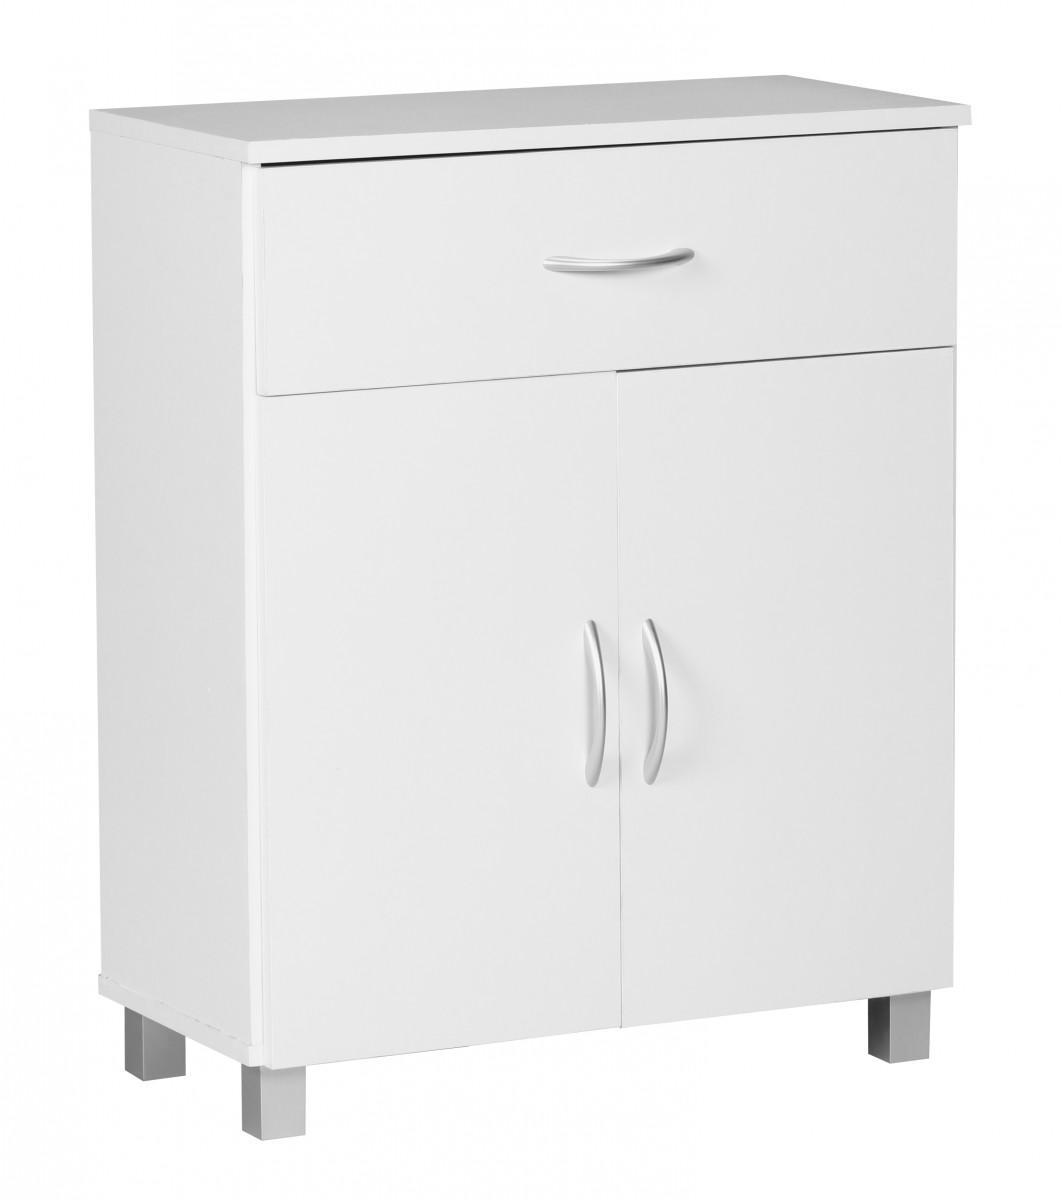 Sideboard Weiss 60 x 75 cm mit 2 Türen & 1 Schublade